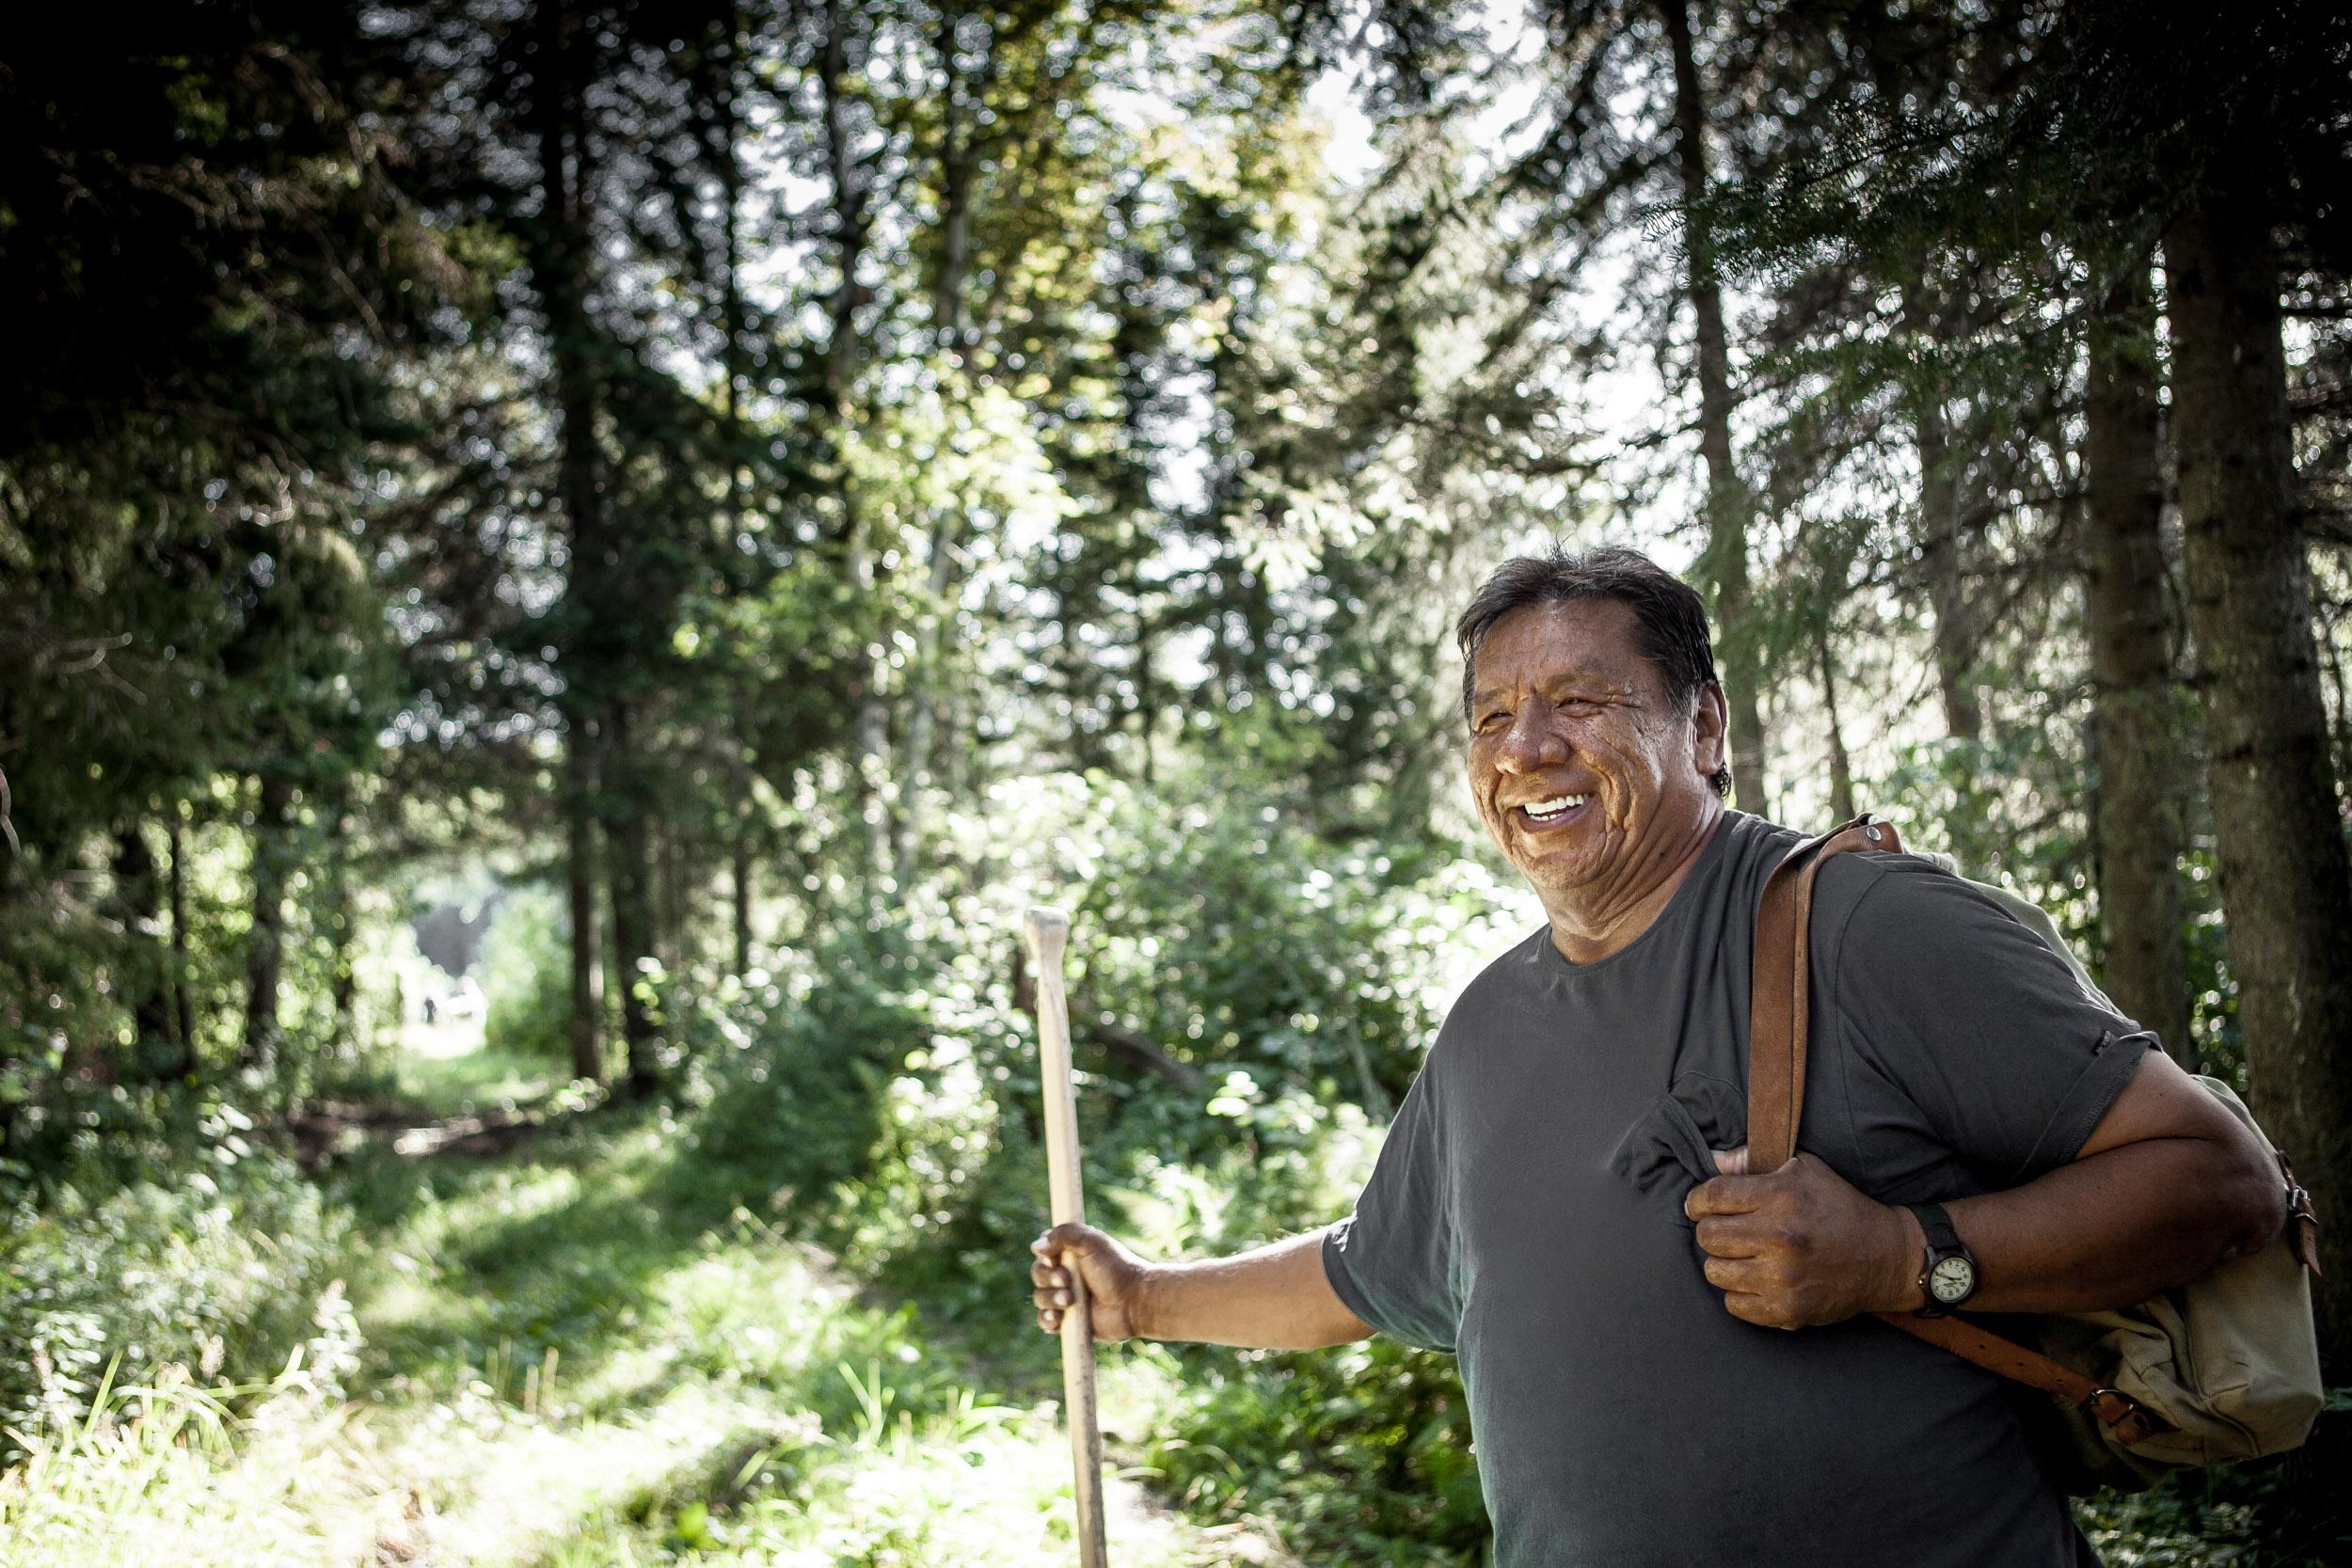 Initiative de foresterie autochtone